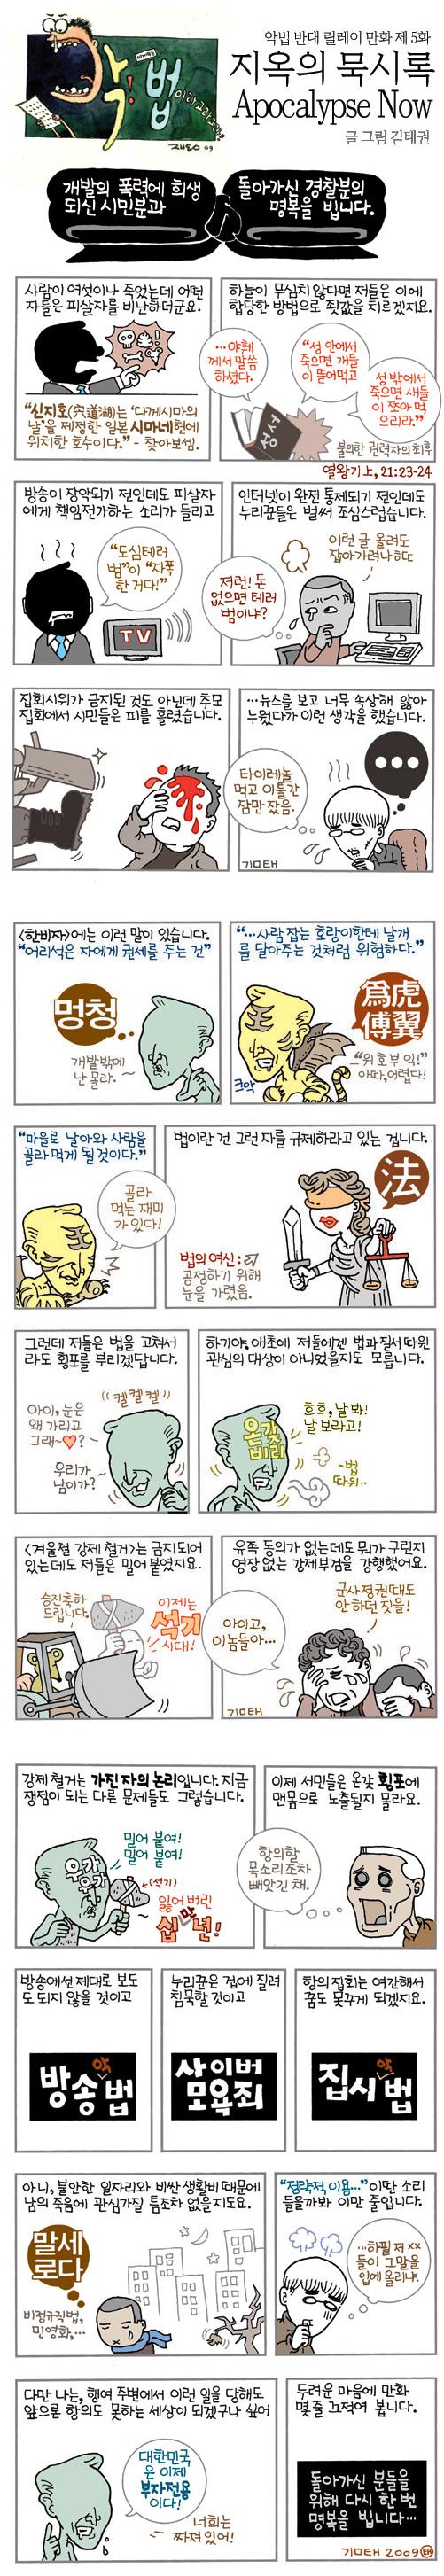 MB악법 반대 - 김태권